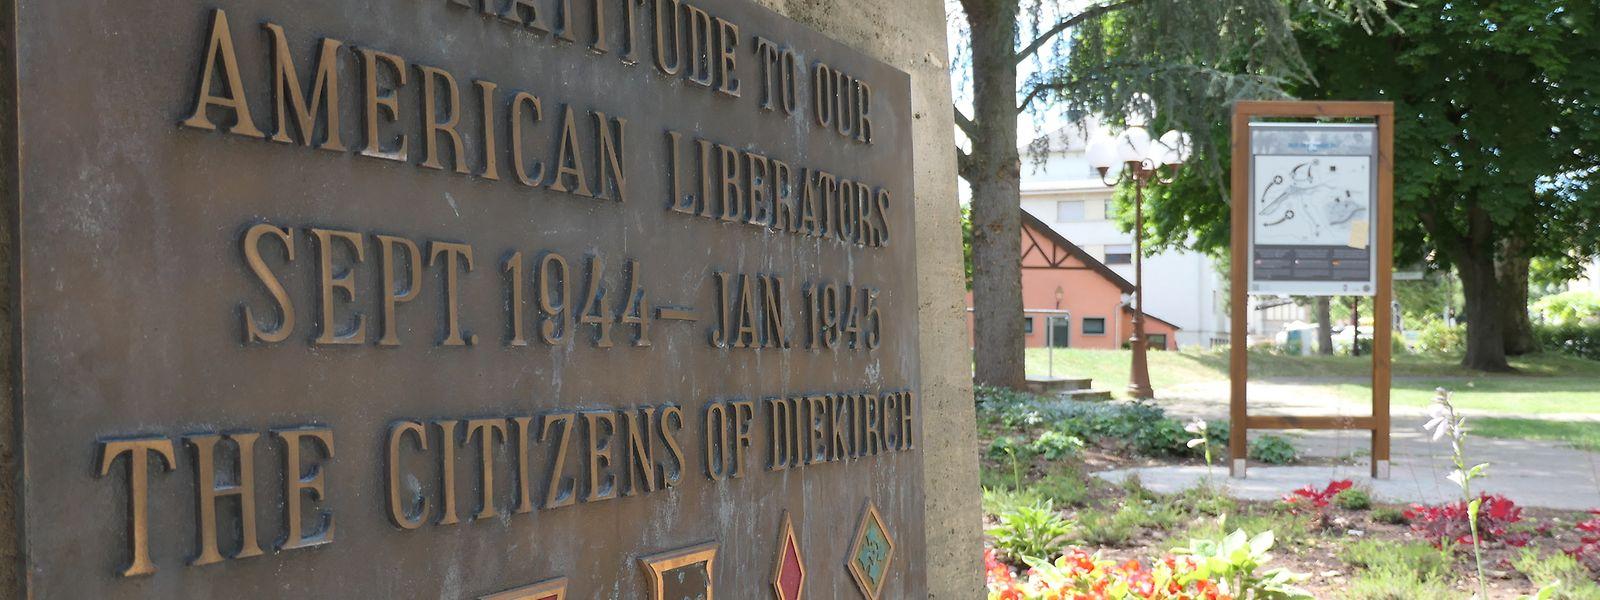 Neben dem Monument zu Ehren der US-Befreier im Diekircher Stadtpark steht bereits die erste von mehreren Infotafeln, die in den kommenden Monaten noch in Erinnerung an die 28. US-Infanterie-Division im Norden des Landes errichtet werden.